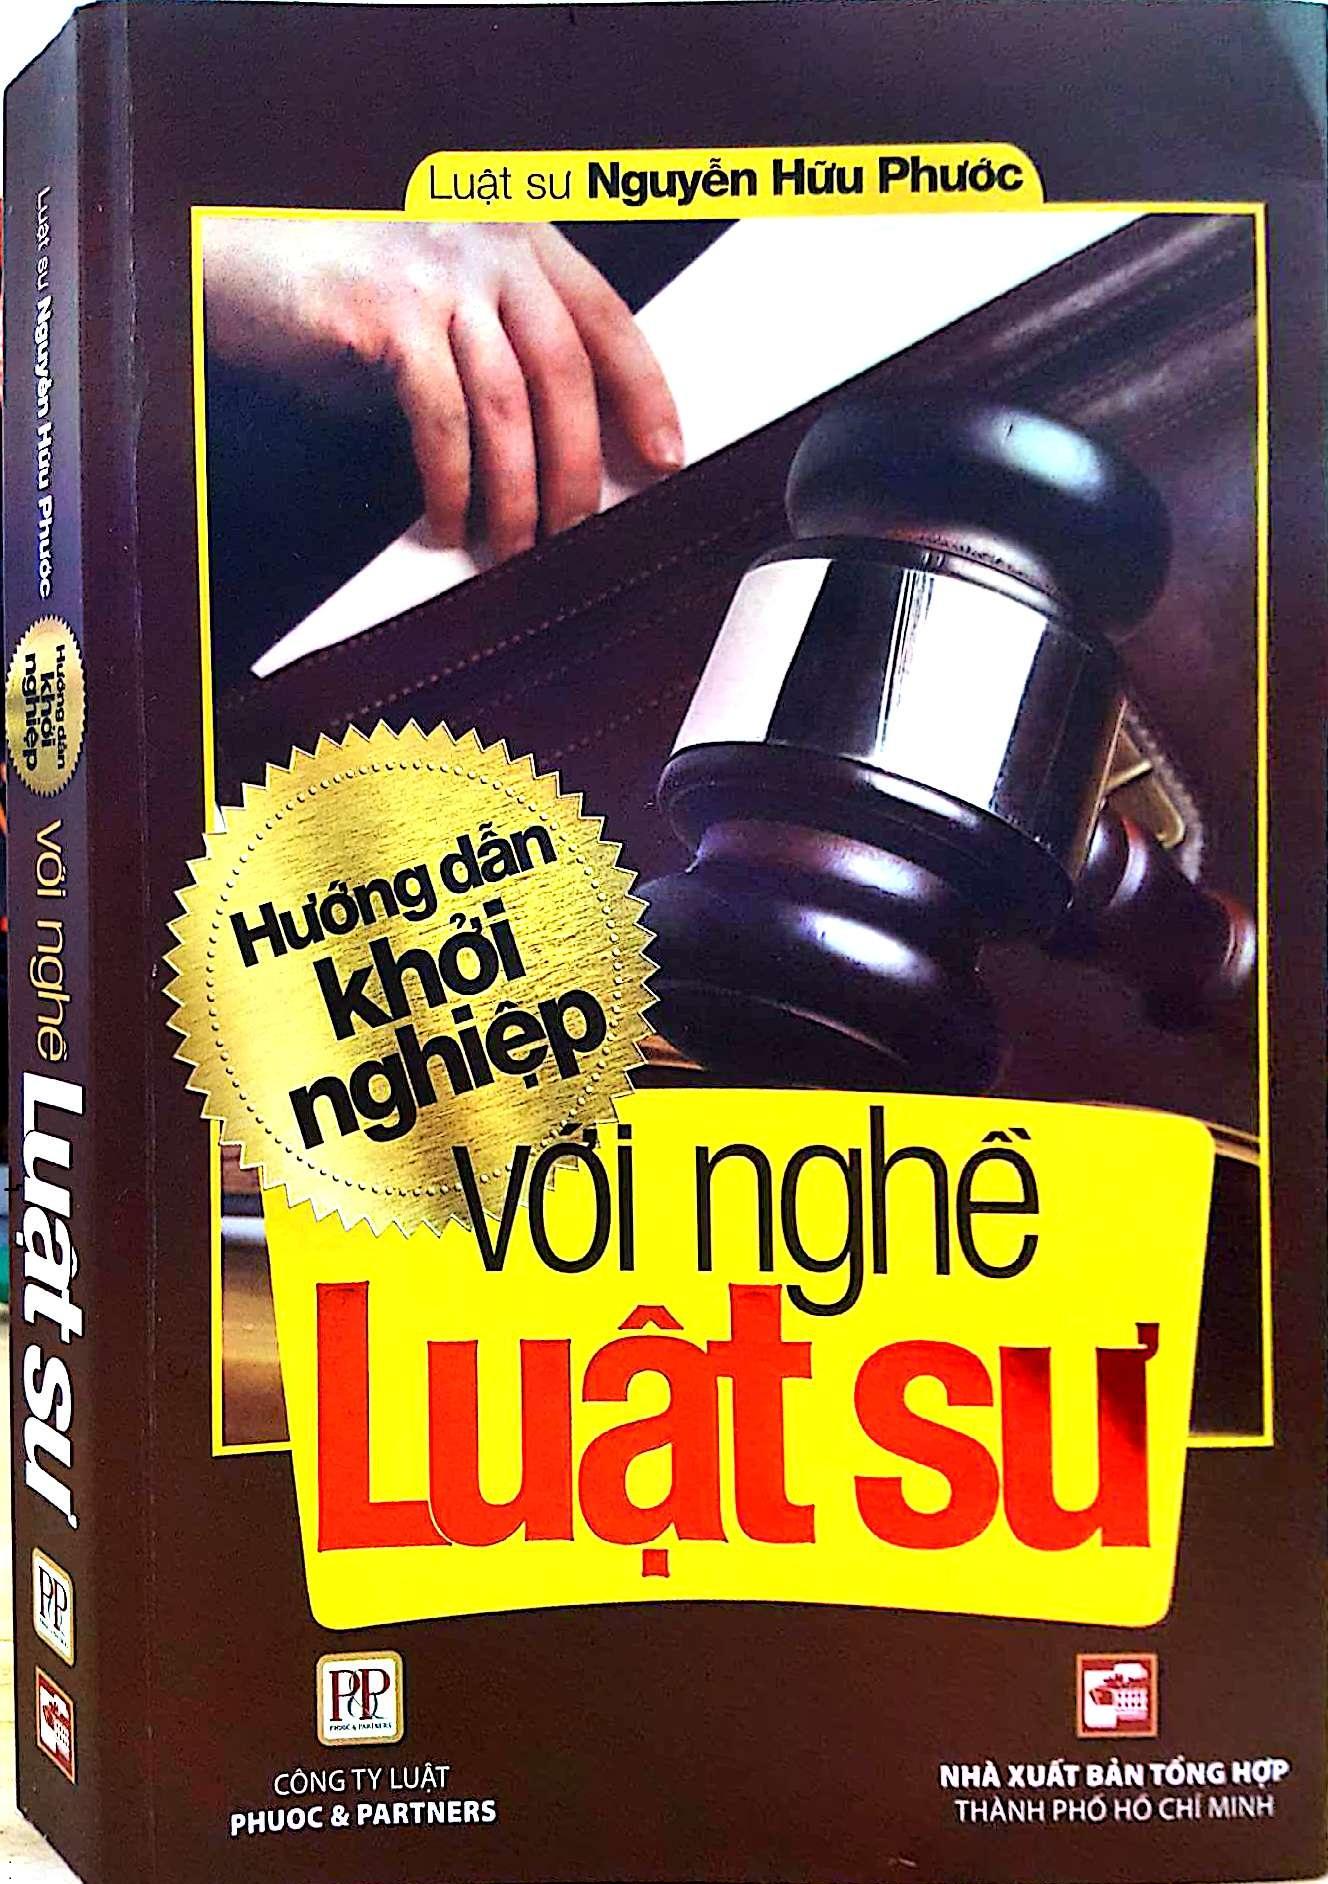 Sách Hướng Dẫn Khởi Nghiệp Với Nghề Luật Sư